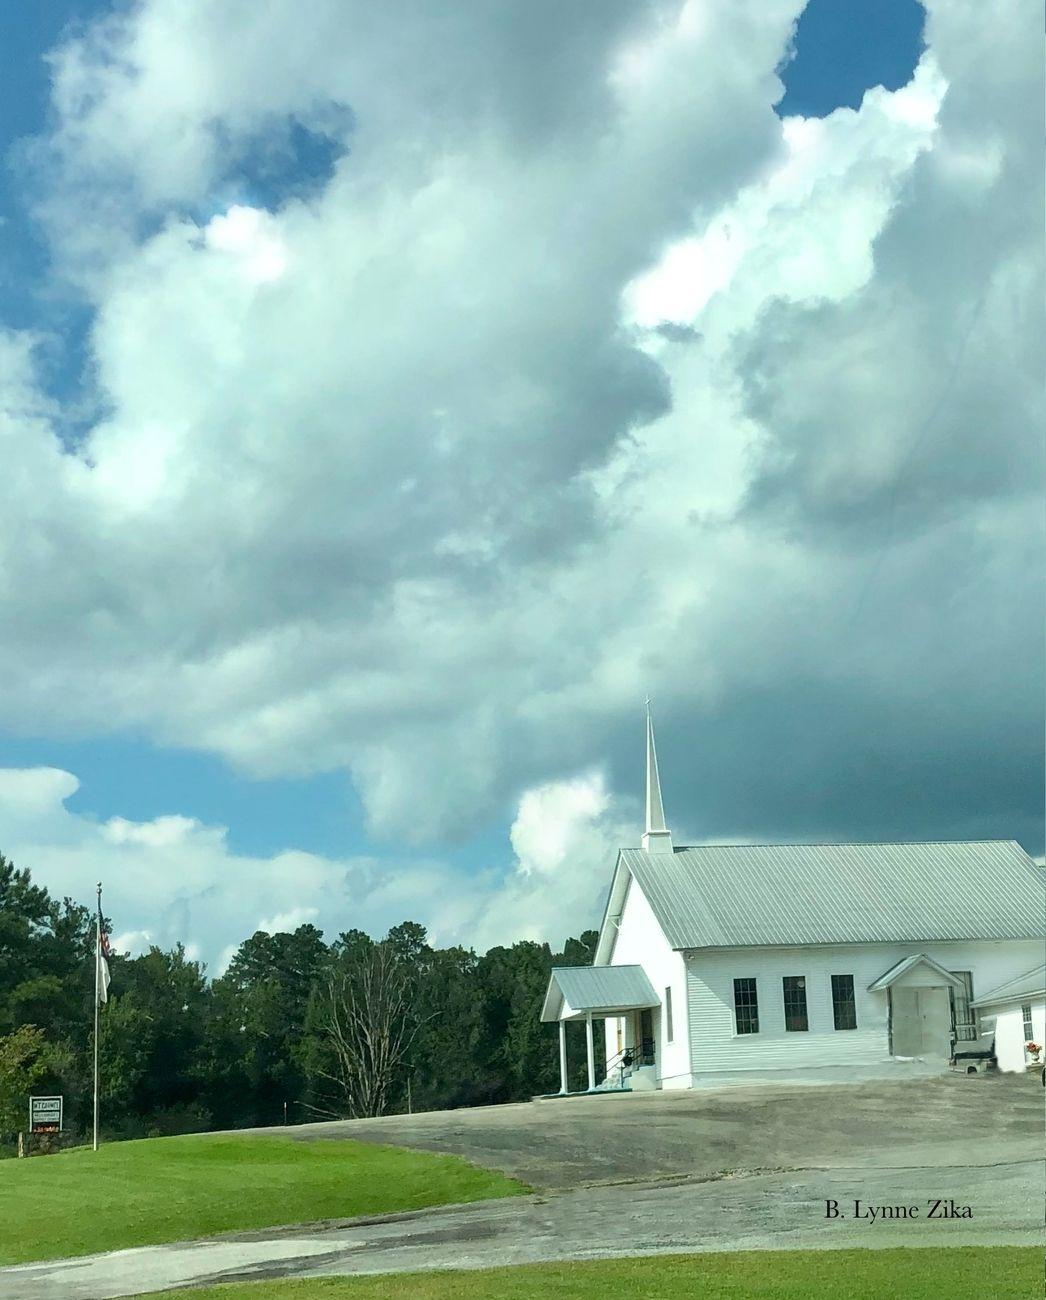 A country church near my home.